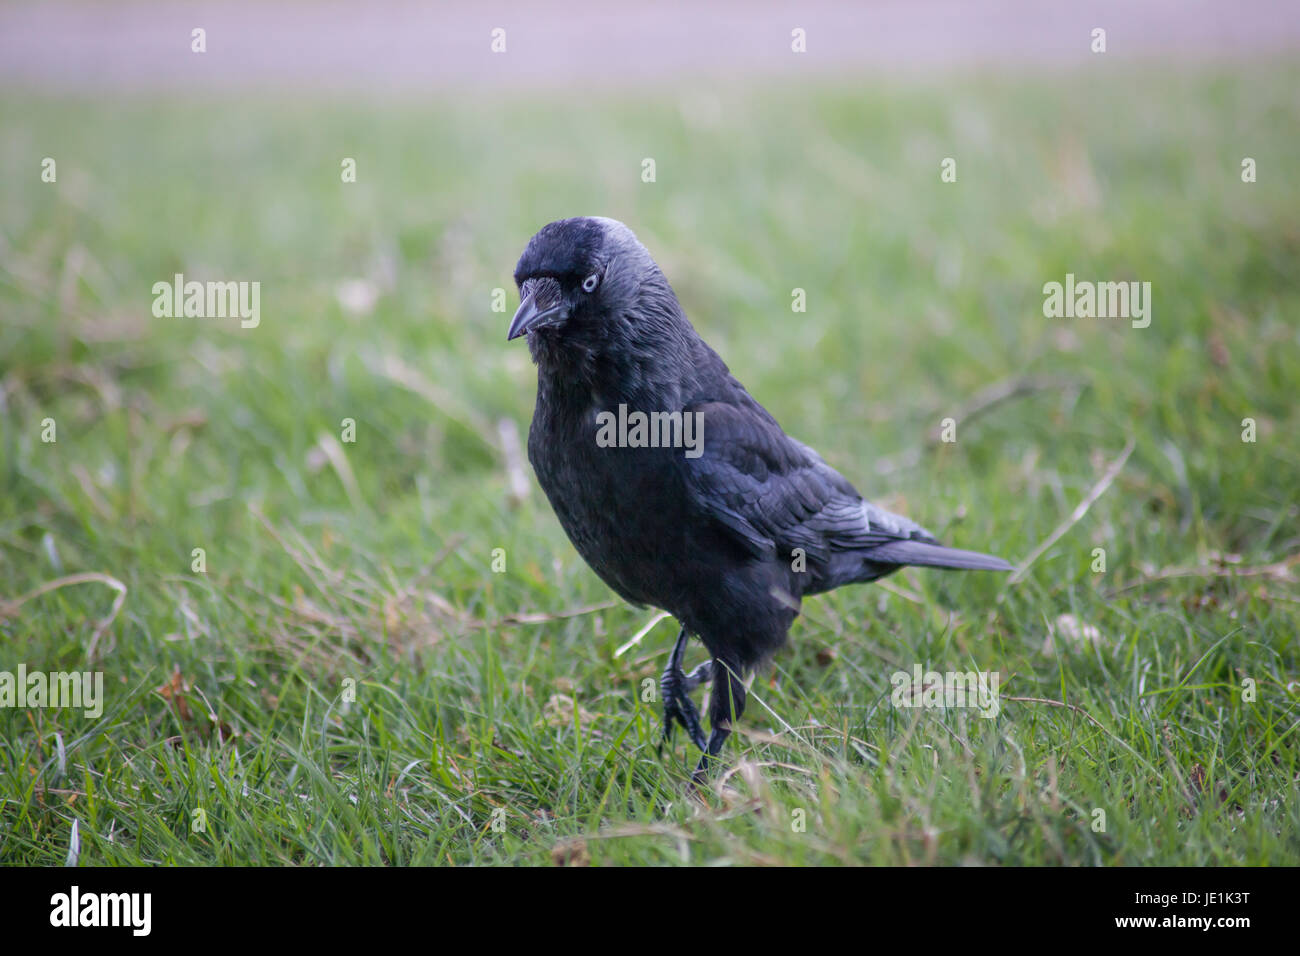 Eine Dohle - ein schwarzer crowlike Vogel mit blauen Augen - auf dem Rasen, London, UK Stockbild